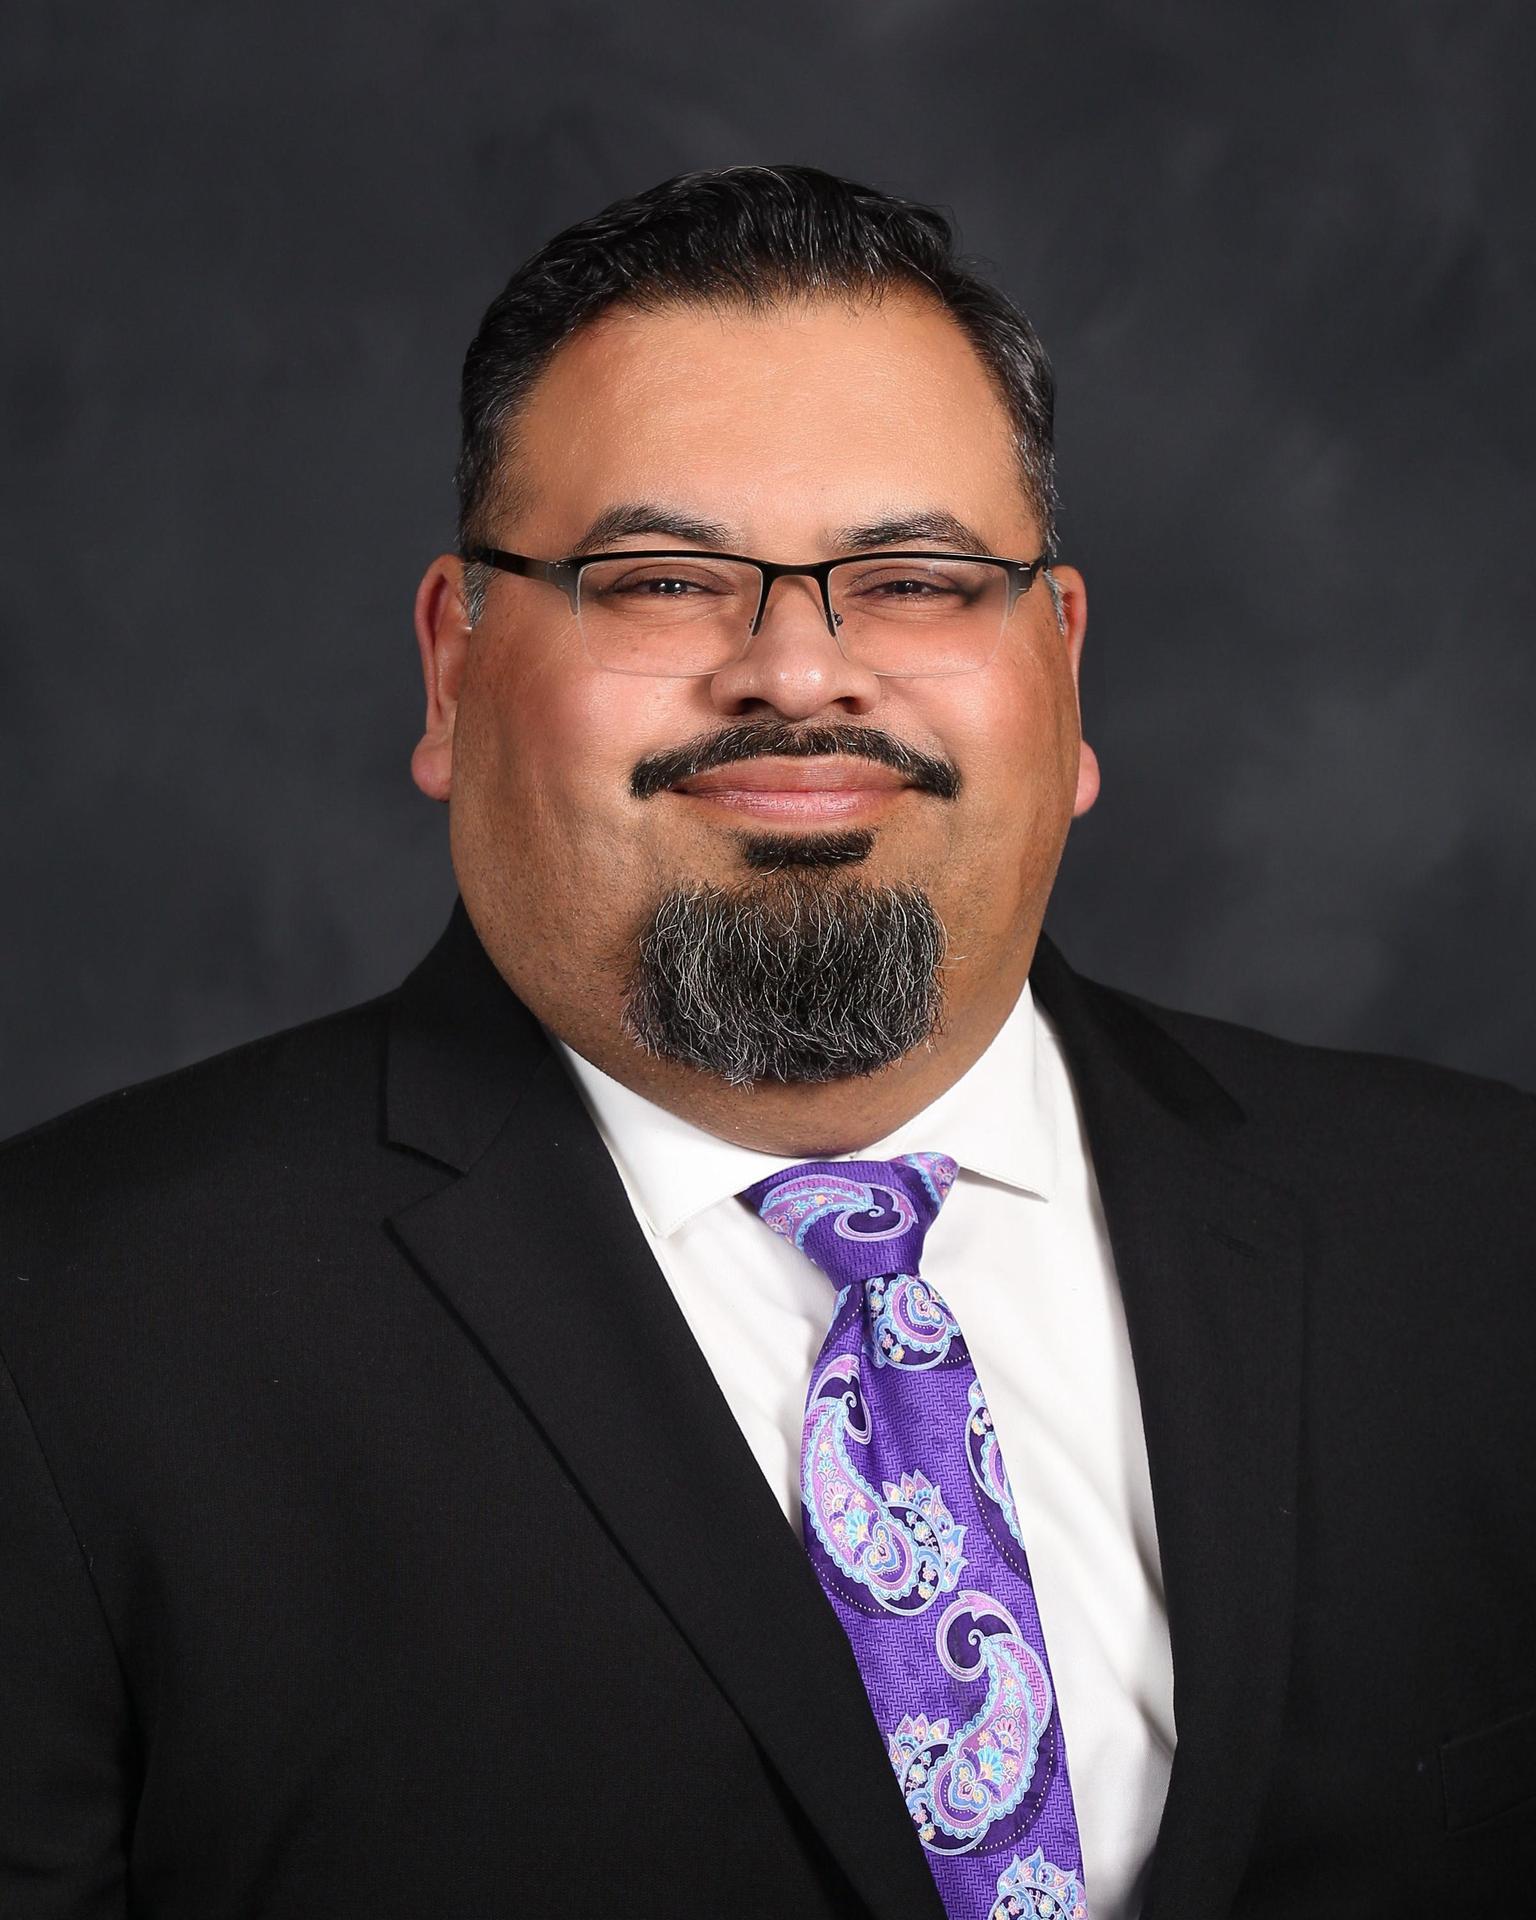 Photo of Superintendent Robert Bravo